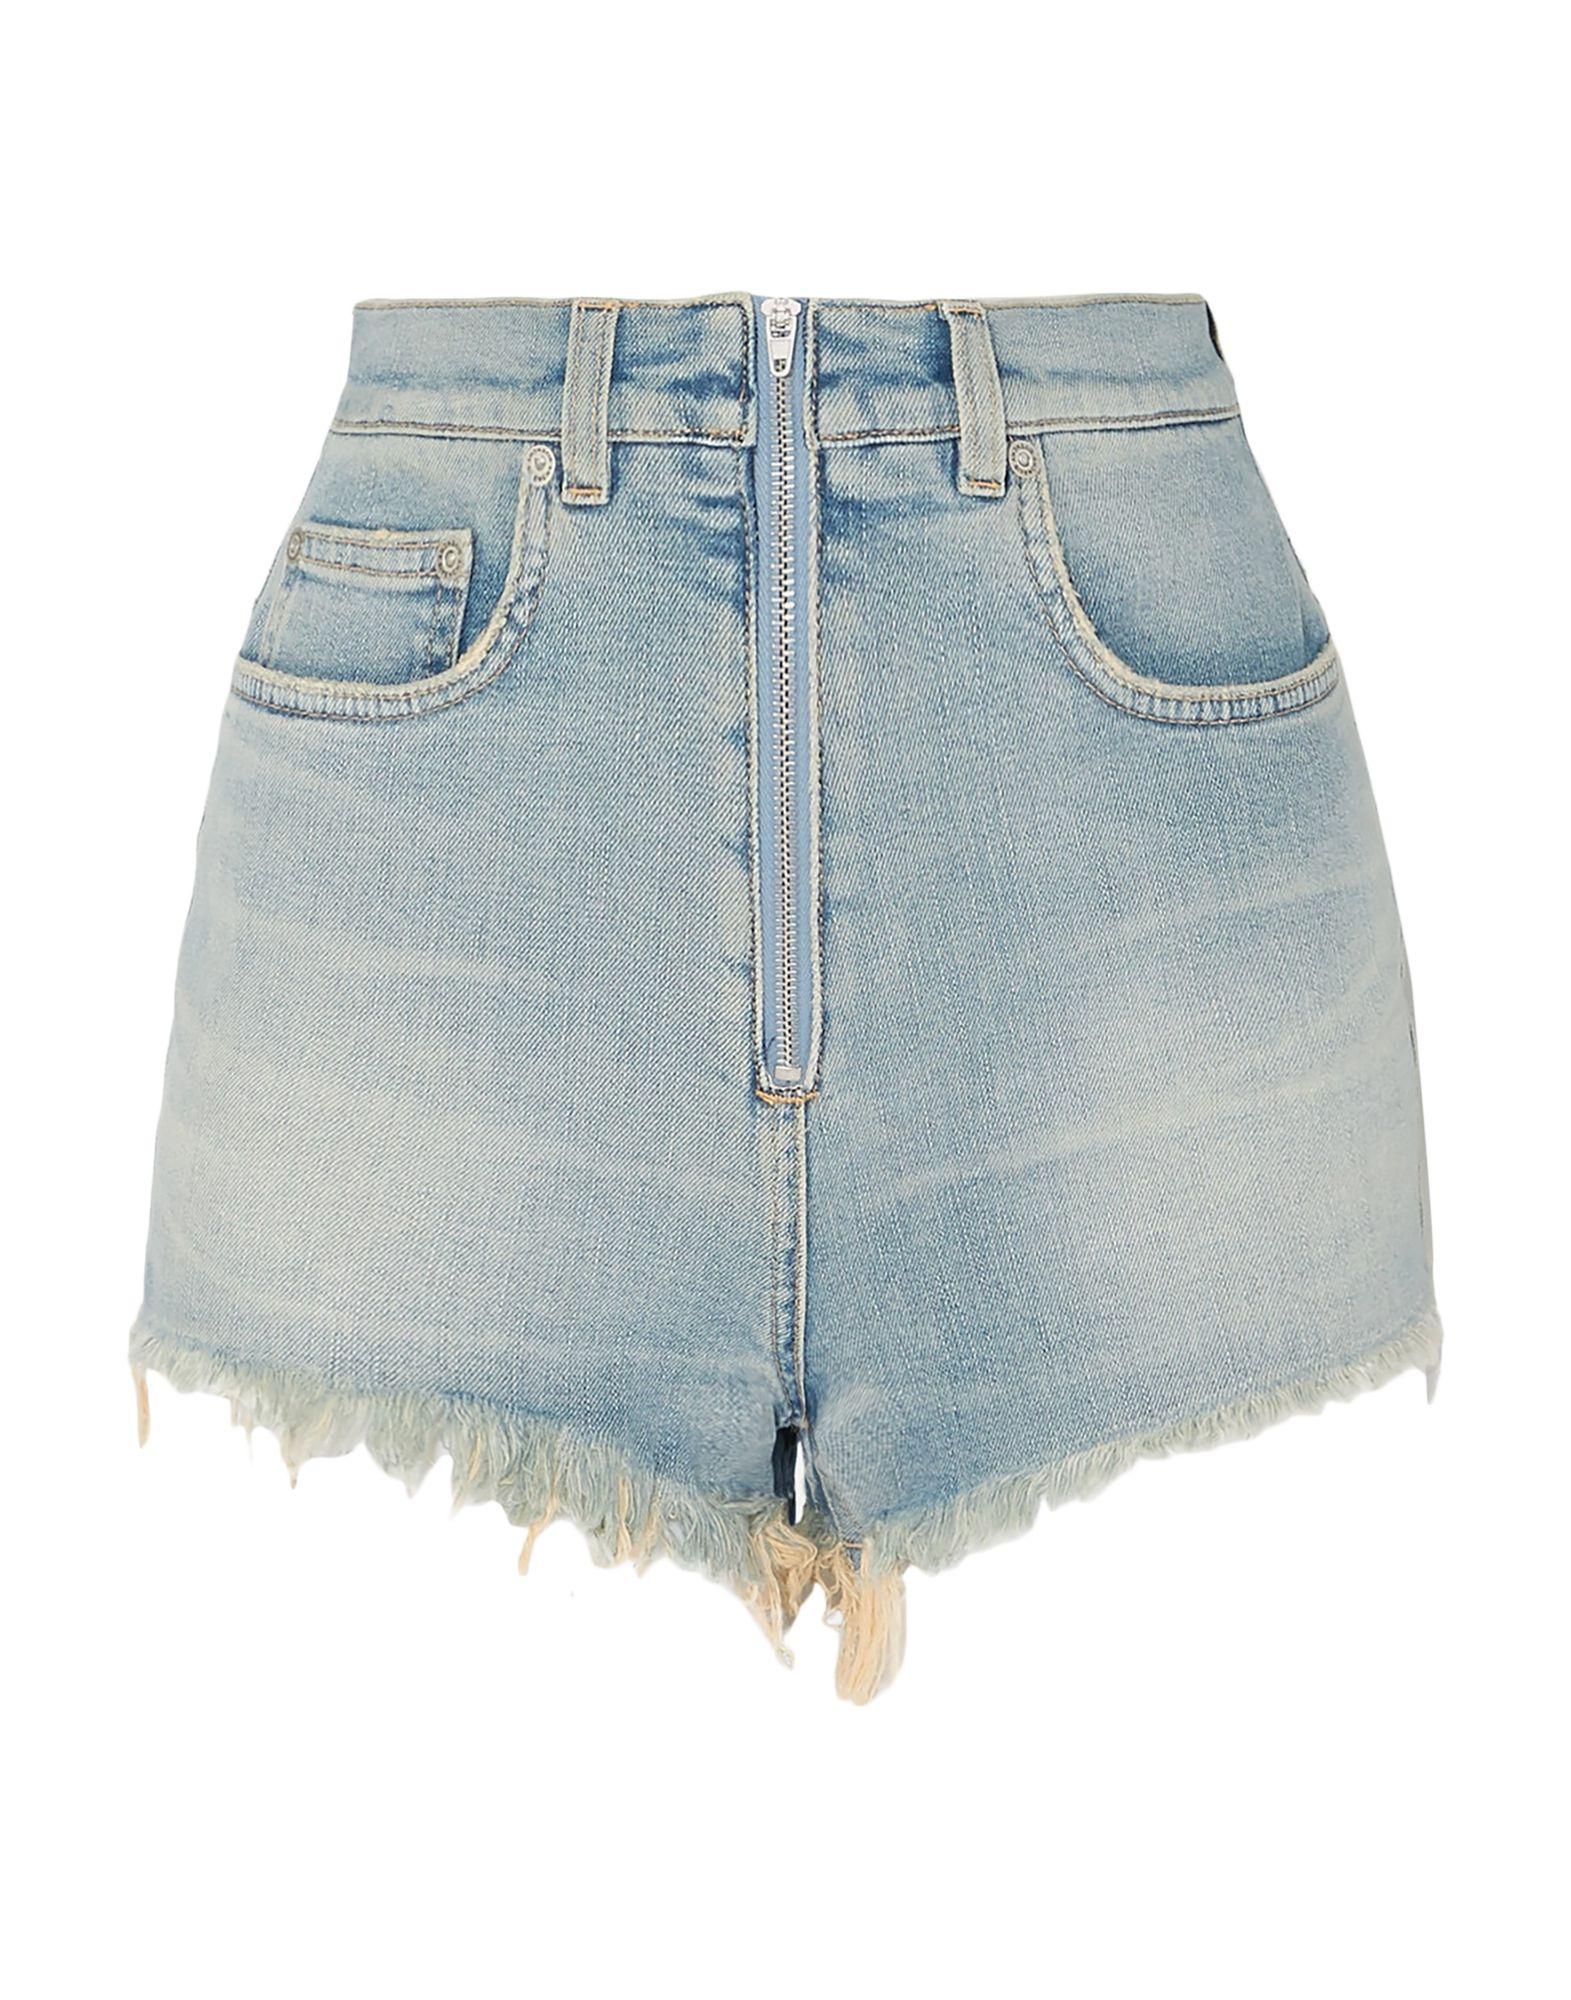 Фото - GIVENCHY Джинсовые шорты please джинсовые шорты